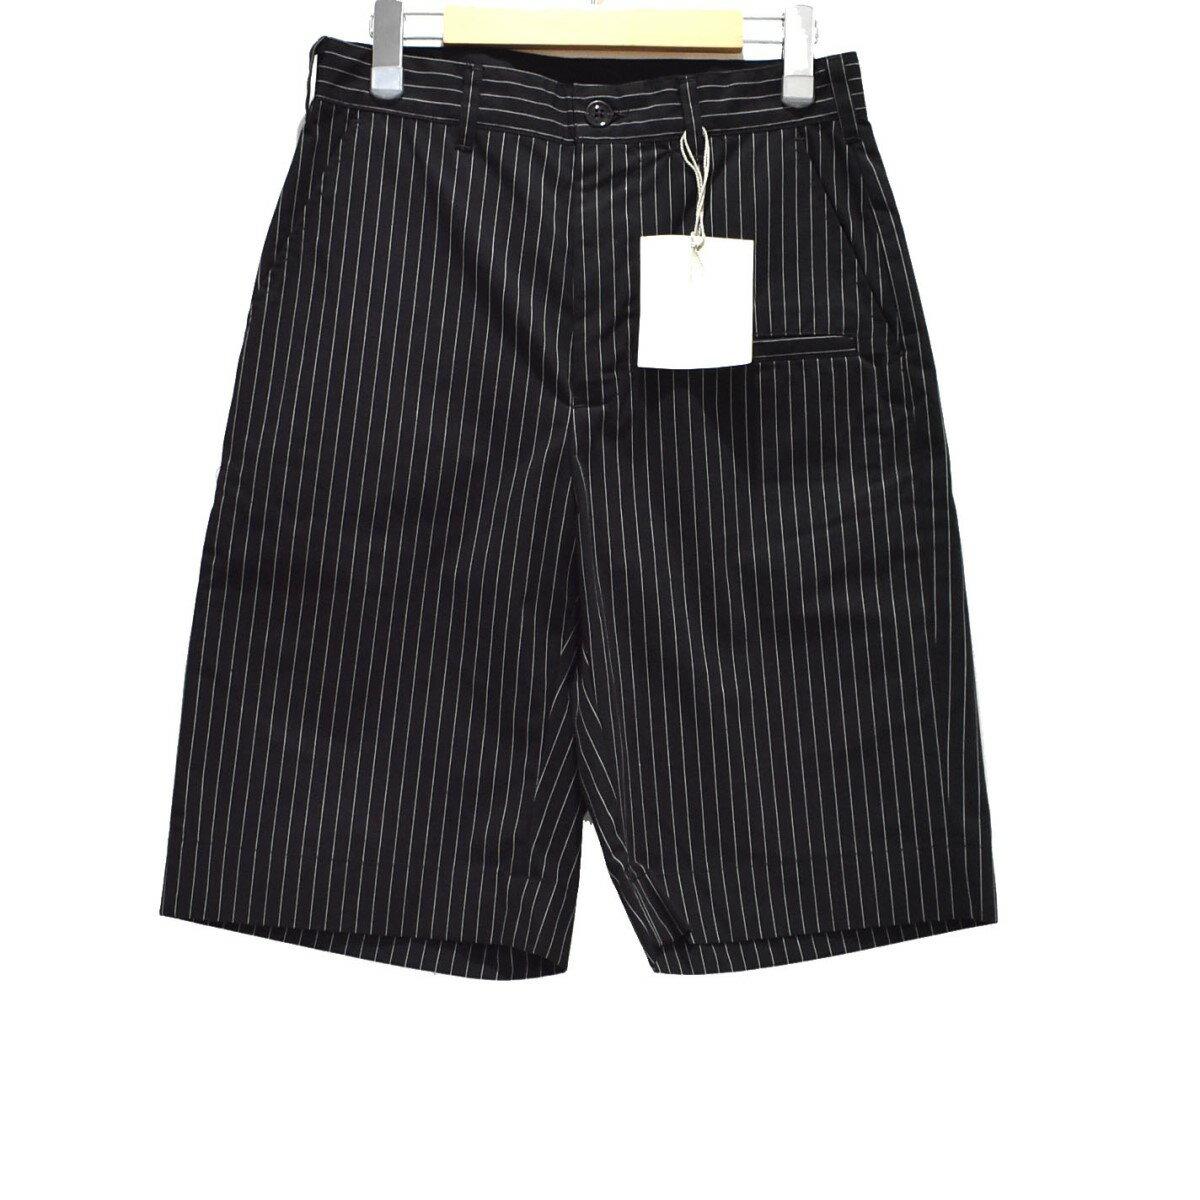 メンズファッション, ズボン・パンツ Engineered Garments LOFTMAN 28 050521